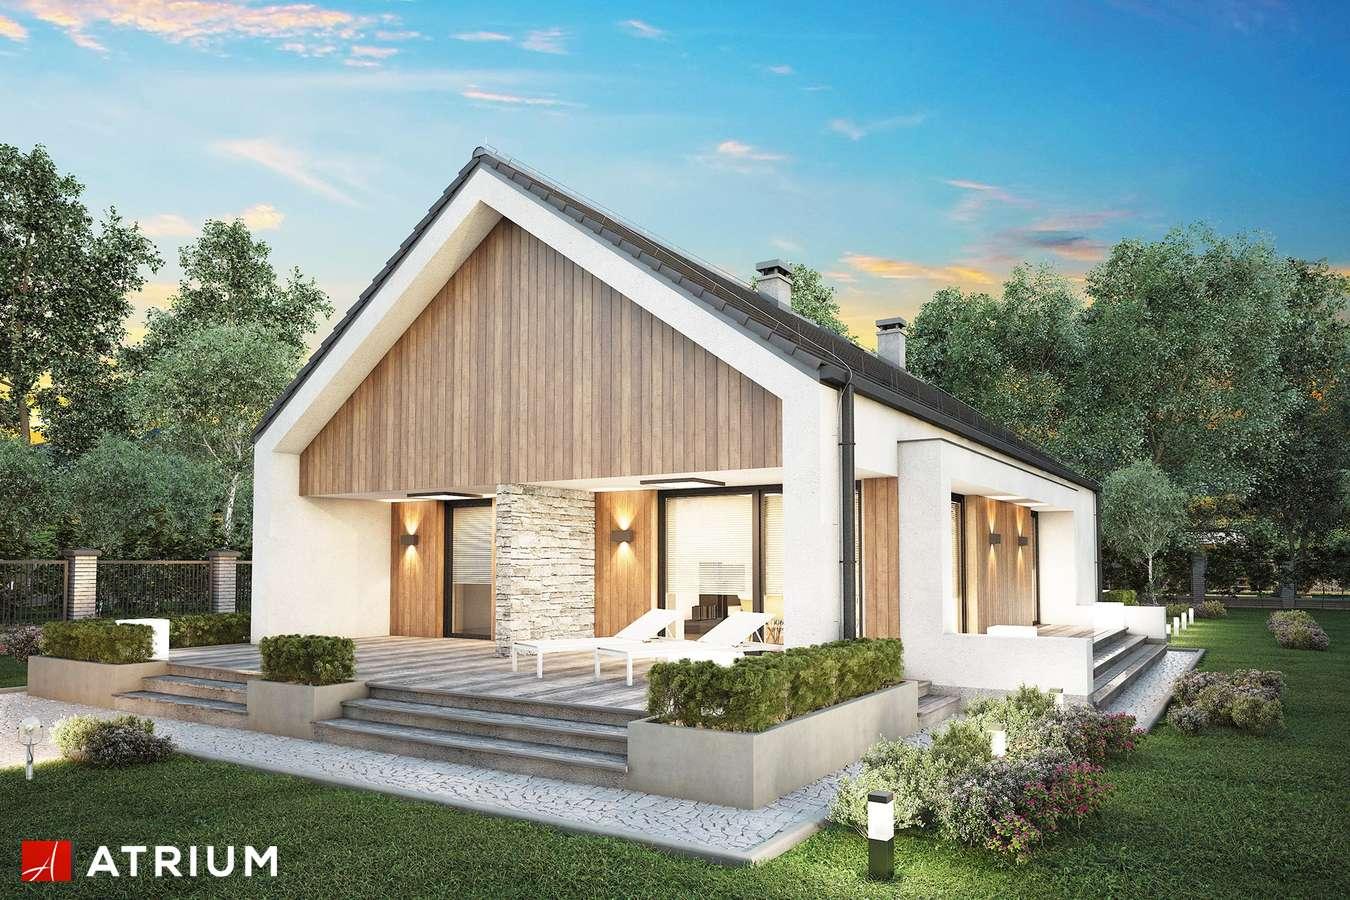 Projekty domów - Projekt domu parterowego LORENZO SZ - wizualizacja 1 - wersja lustrzana